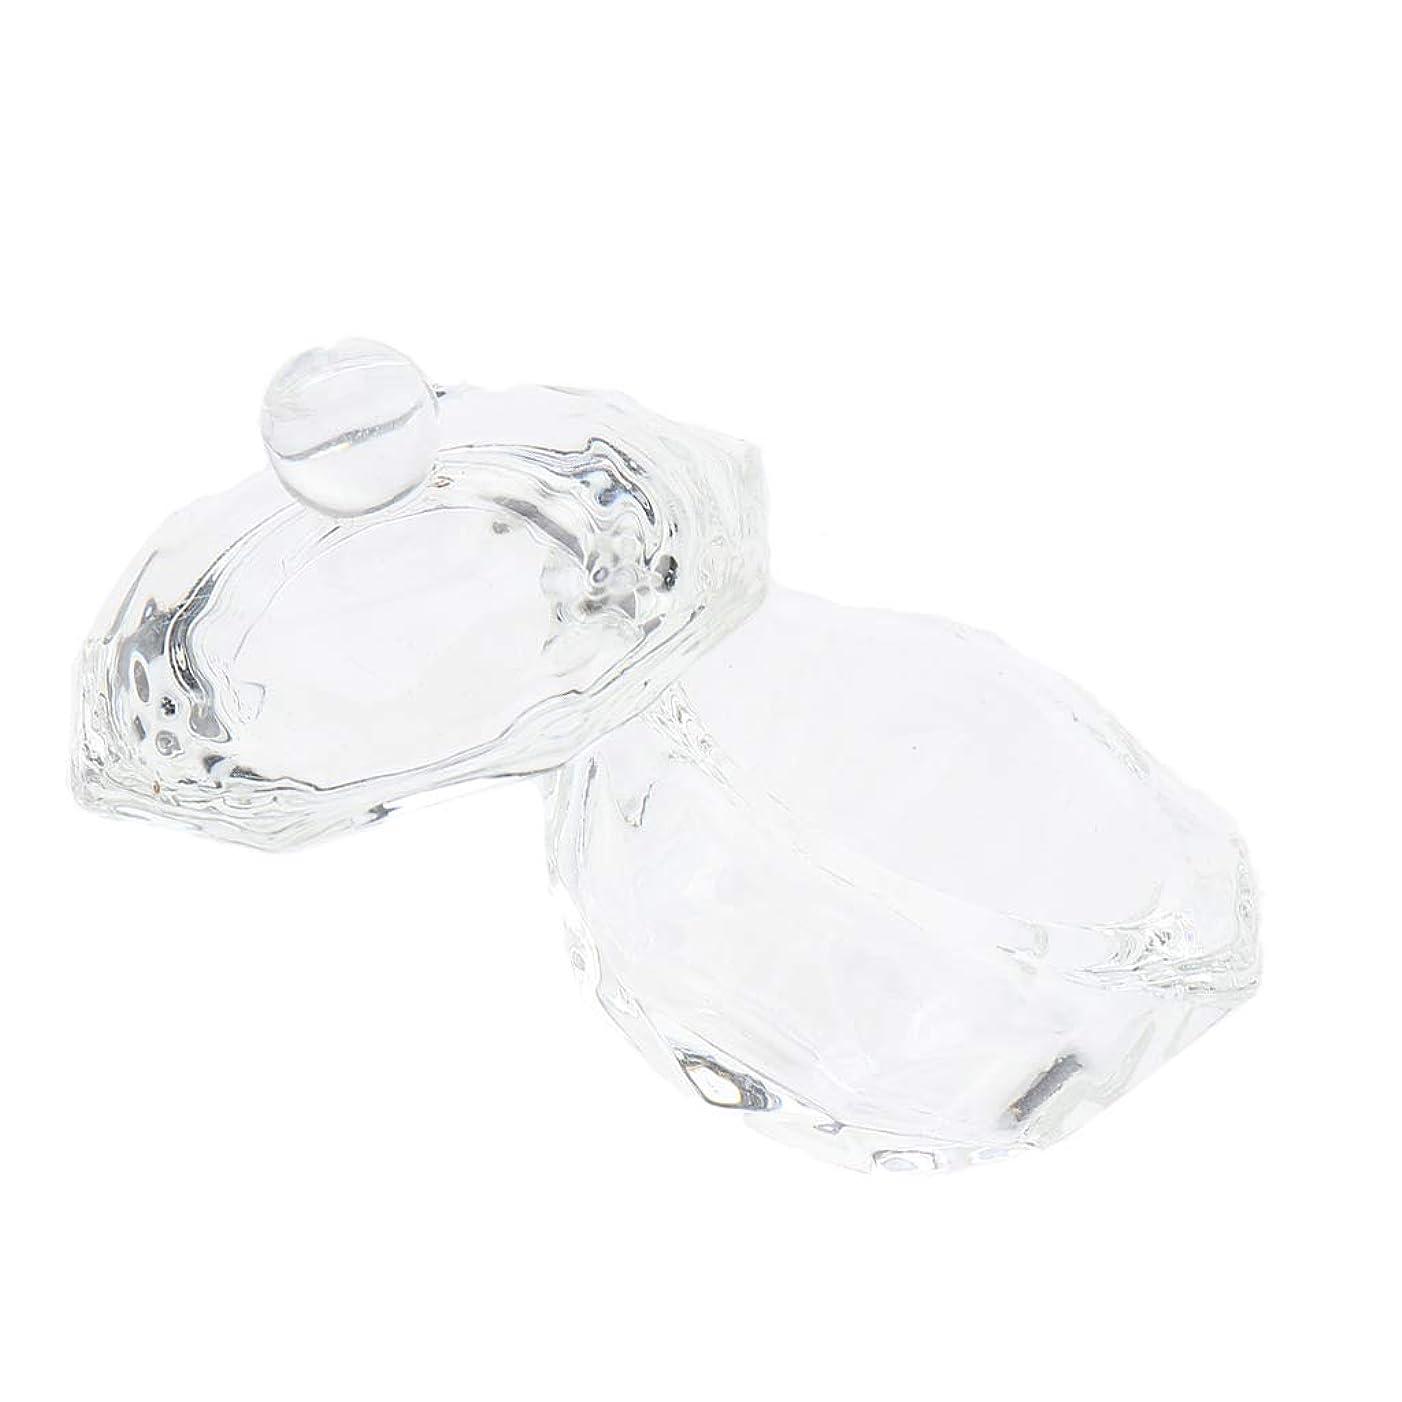 シネウィ高尚なブーストDYNWAVE ネイルガラス皿 ネイルアートクリスタルカップ グラスカップ ミキシングカップ ネイルアート用品ツール